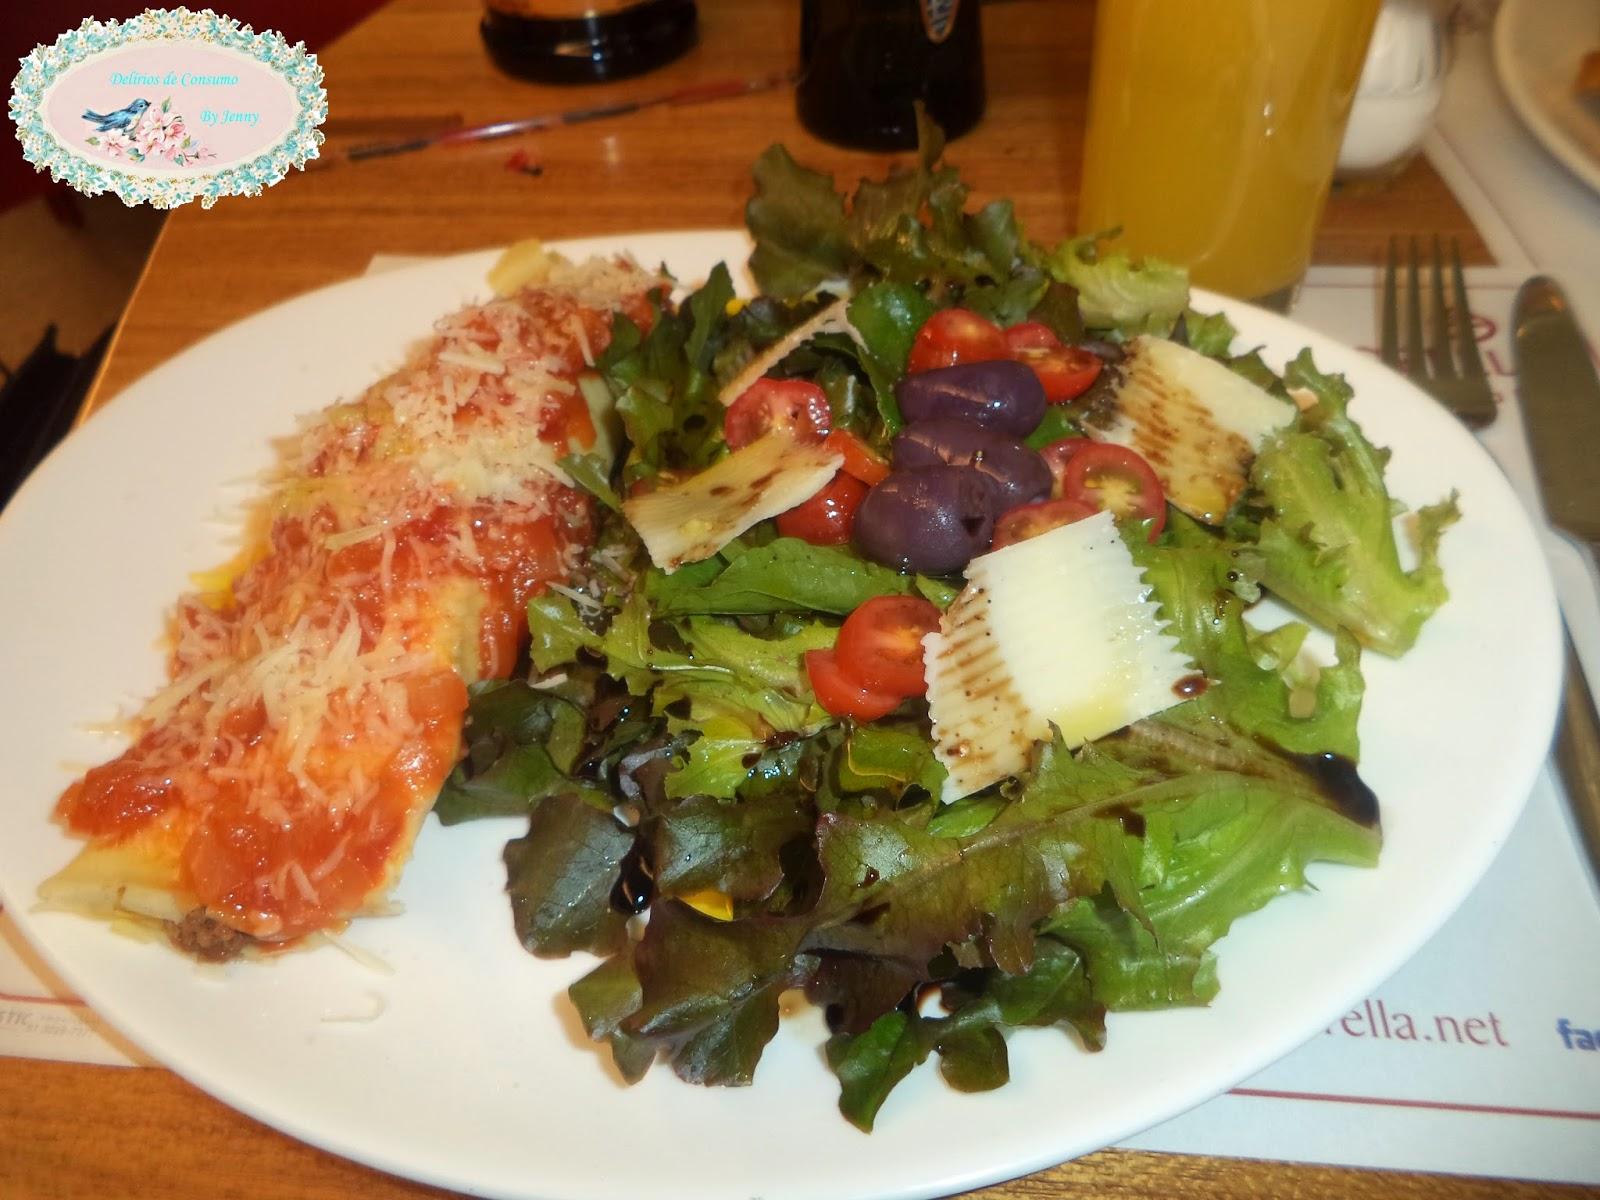 Saborella, panqueca, salada, delicious, fresh, food, blog Delírios de Consumo